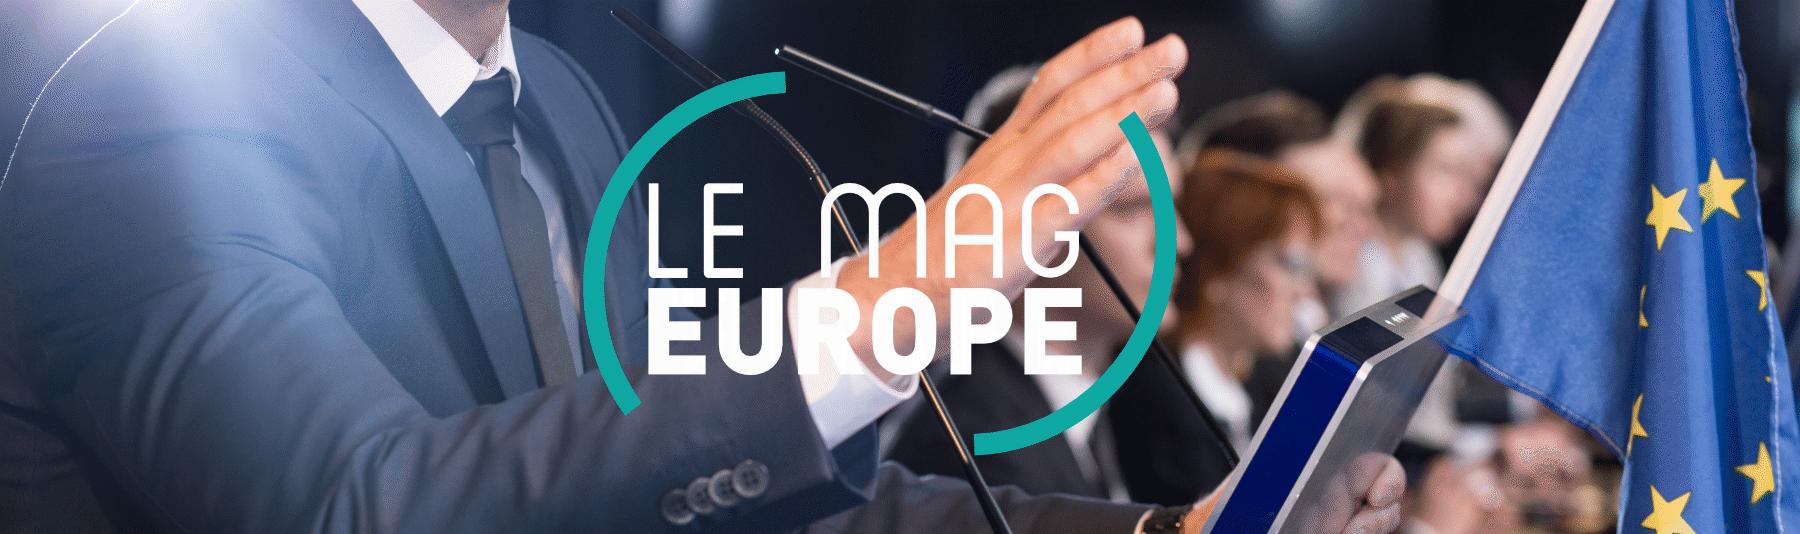 Le Mag Europe